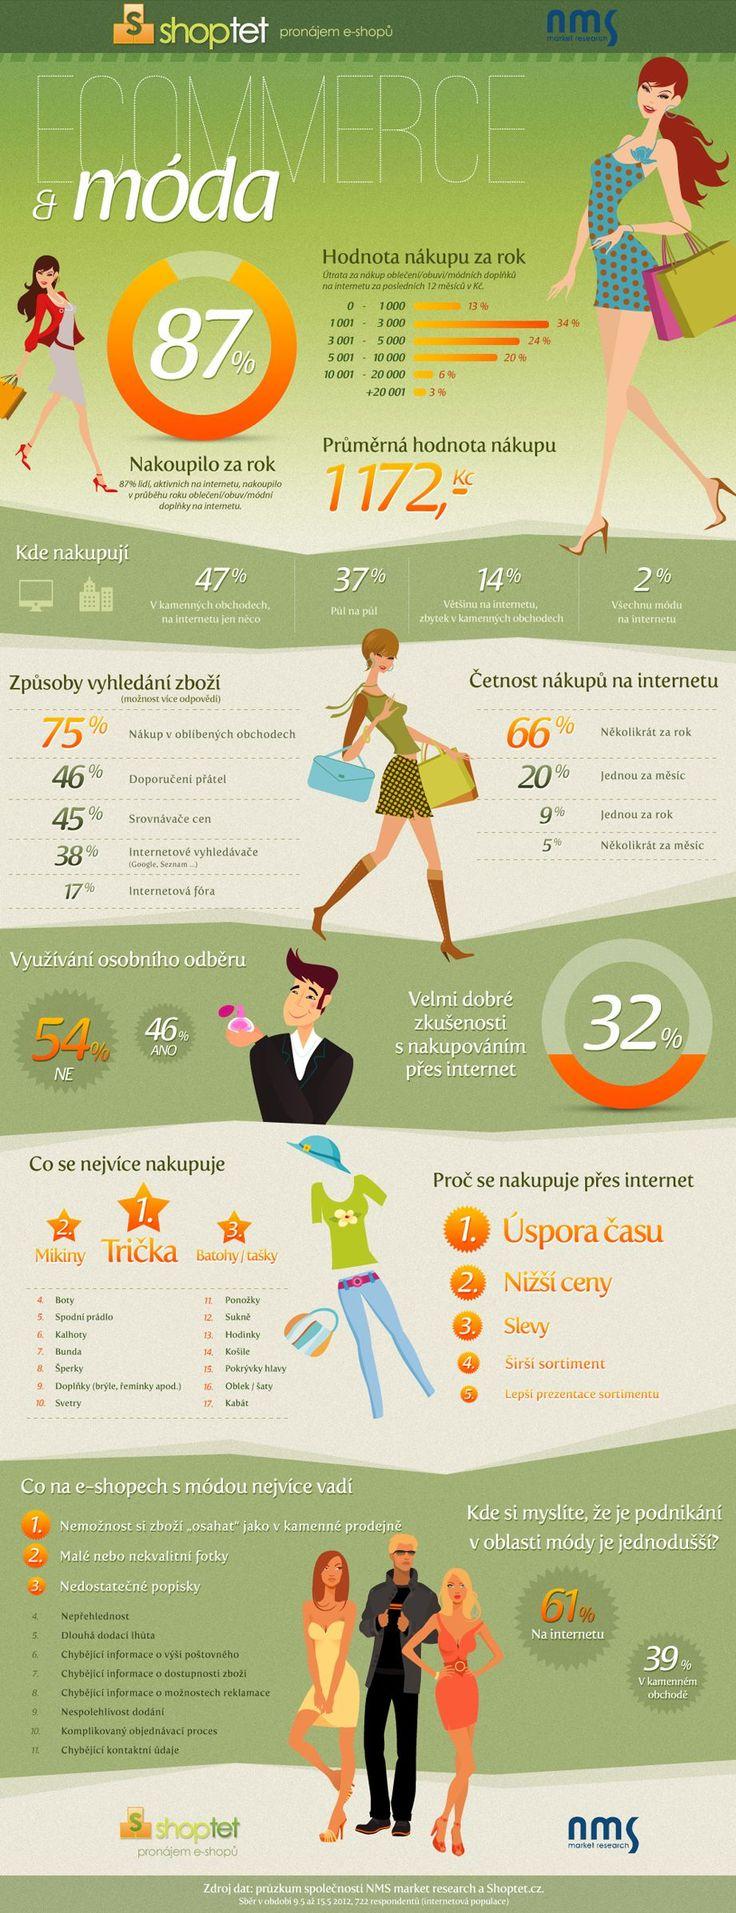 Infografika: Jak v ČR nakupujeme módu na internetu: Marketing journal